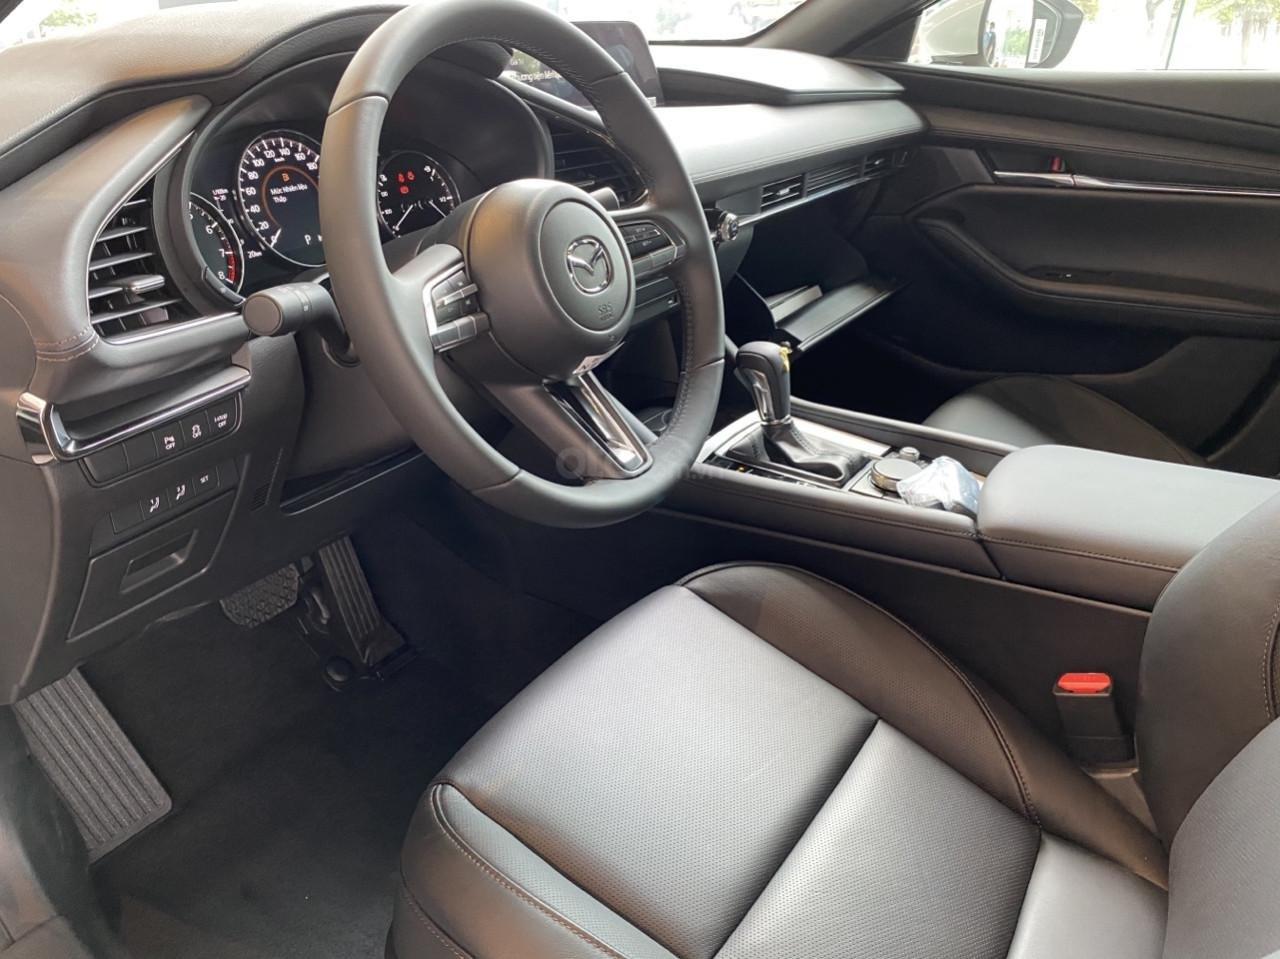 [Mazda Bình Tân - HCM] All New Mazda 3 2020, nhận ngay ưu đãi 50% phí trước bạ, tặng bộ phụ kiện chính hãng (7)